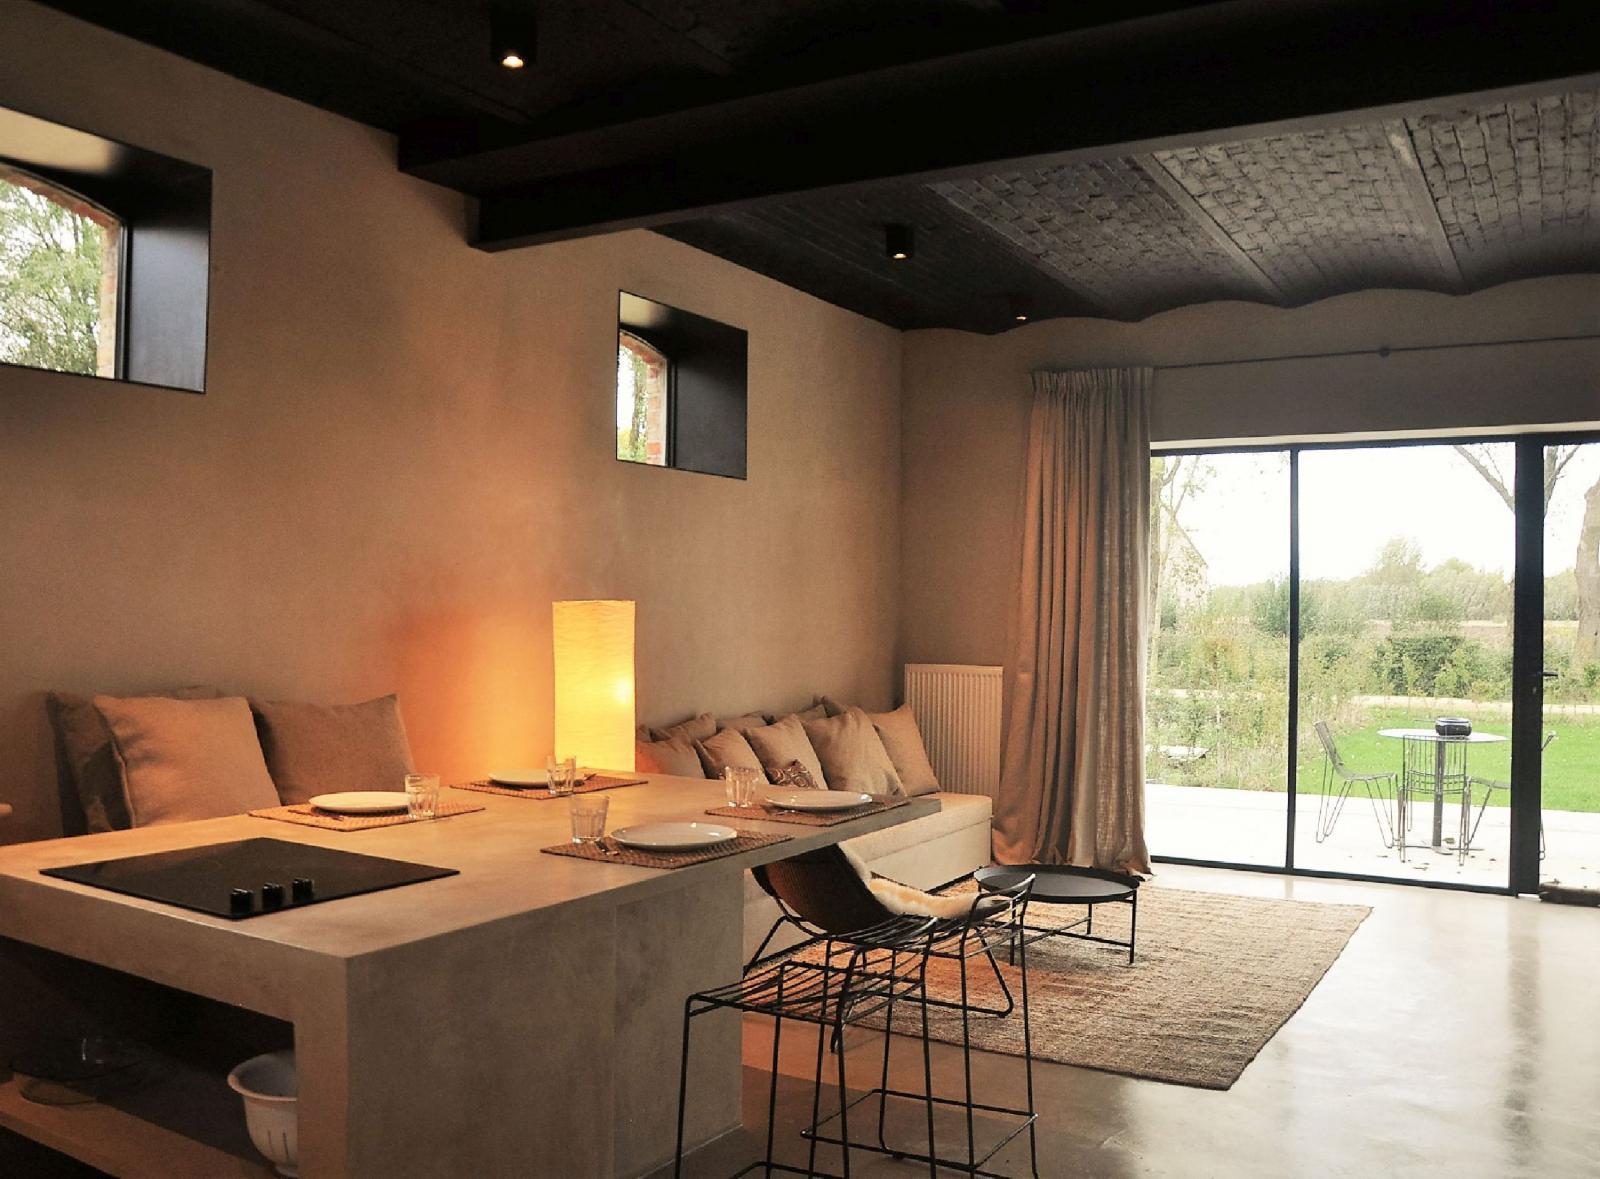 #interieurinrichting #binnenhuisarchitect #architect #renovatie #studio #appartement #nieuwpoort #westkust #oostduinkerke #koksijde #de panne #totaalrenovatie #totaalinriching